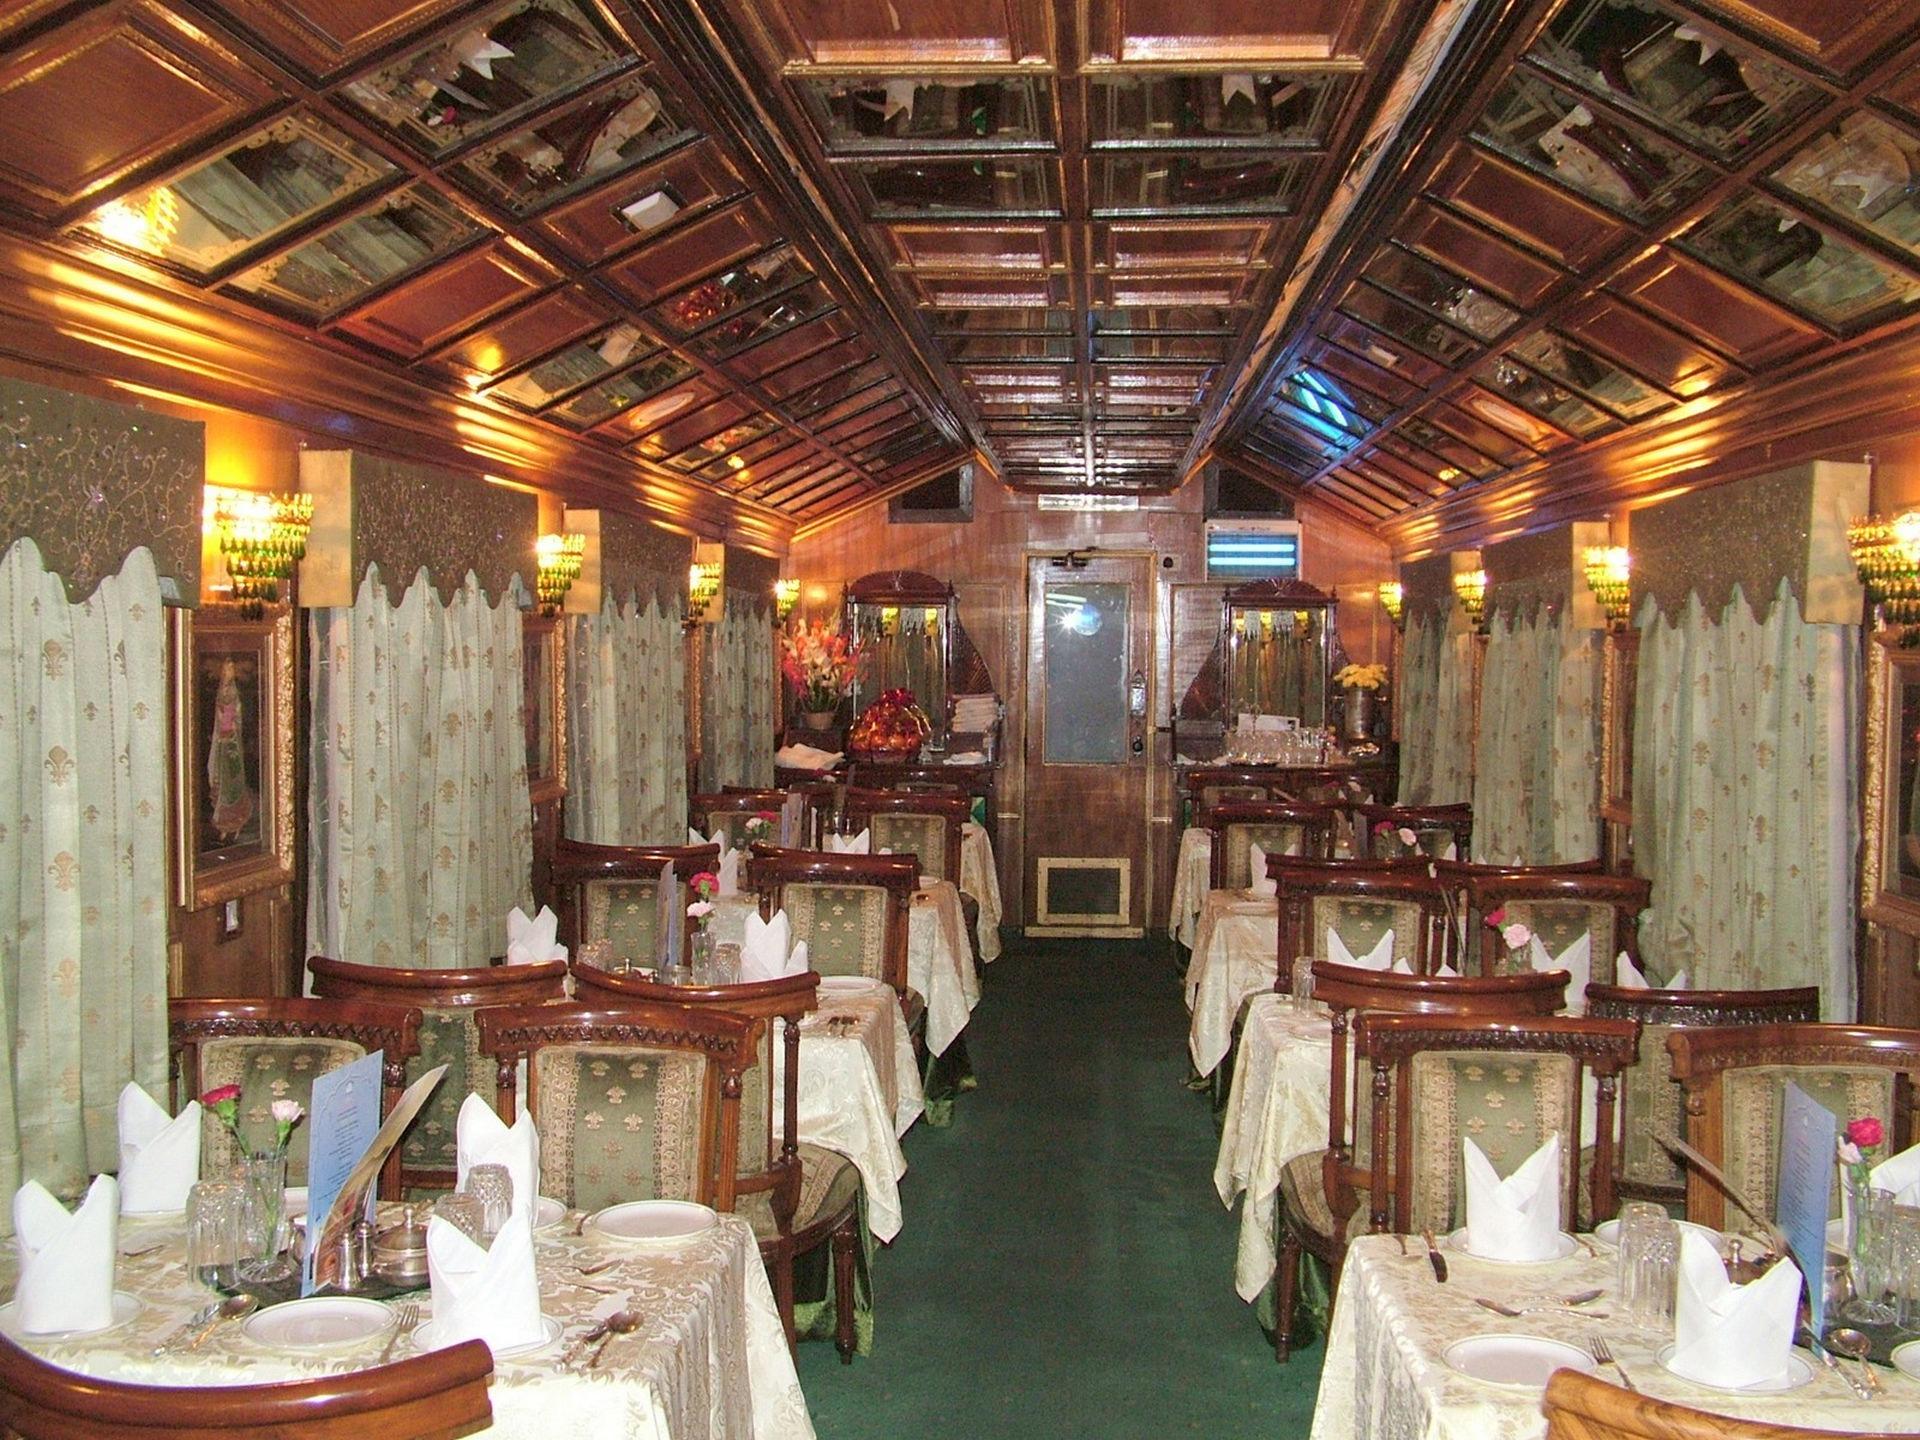 NOMAD-luksusowe-pociągi-Palace-on-wheels-Indie-07